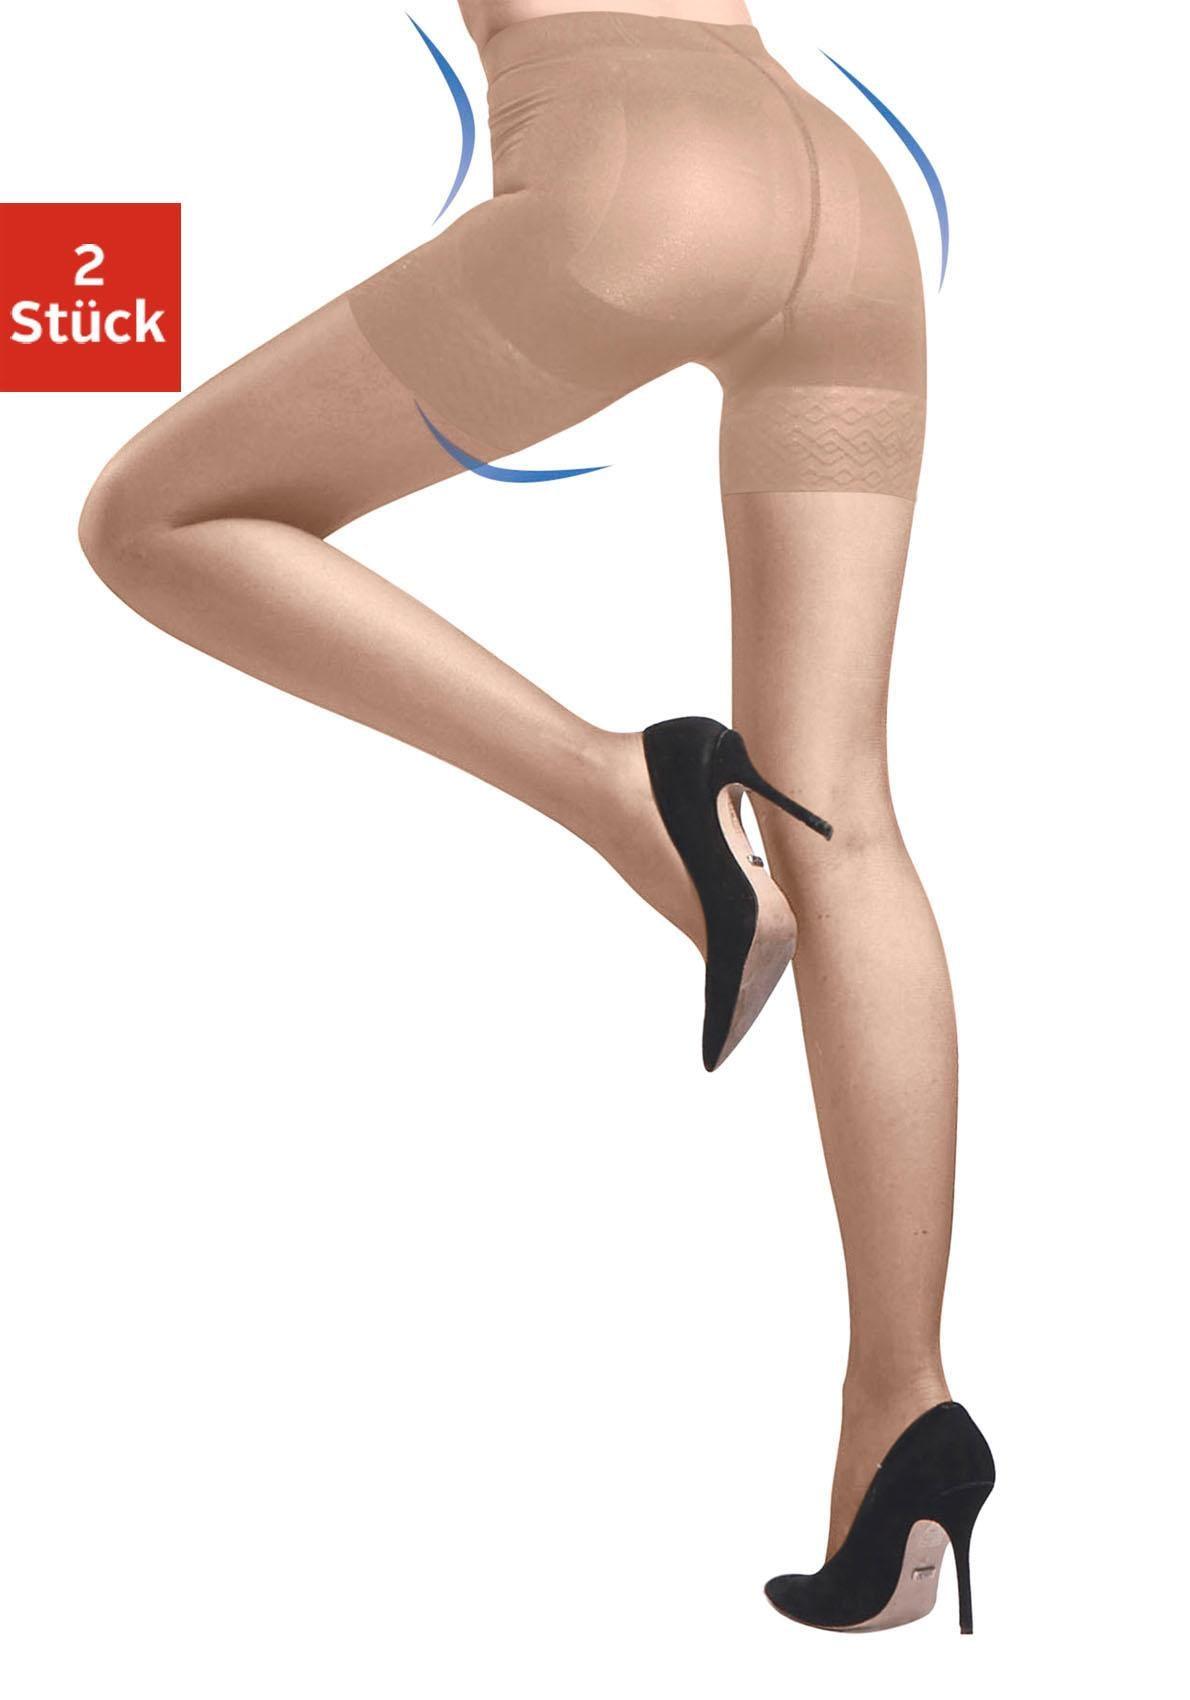 disée Stützstrumpfhose, 20 DEN, (Packung, 2 St.), mit dreifachem Shaping-Effekt beige Damen Stützstrumpfhosen Strumpfhosen Stützstrumpfhose